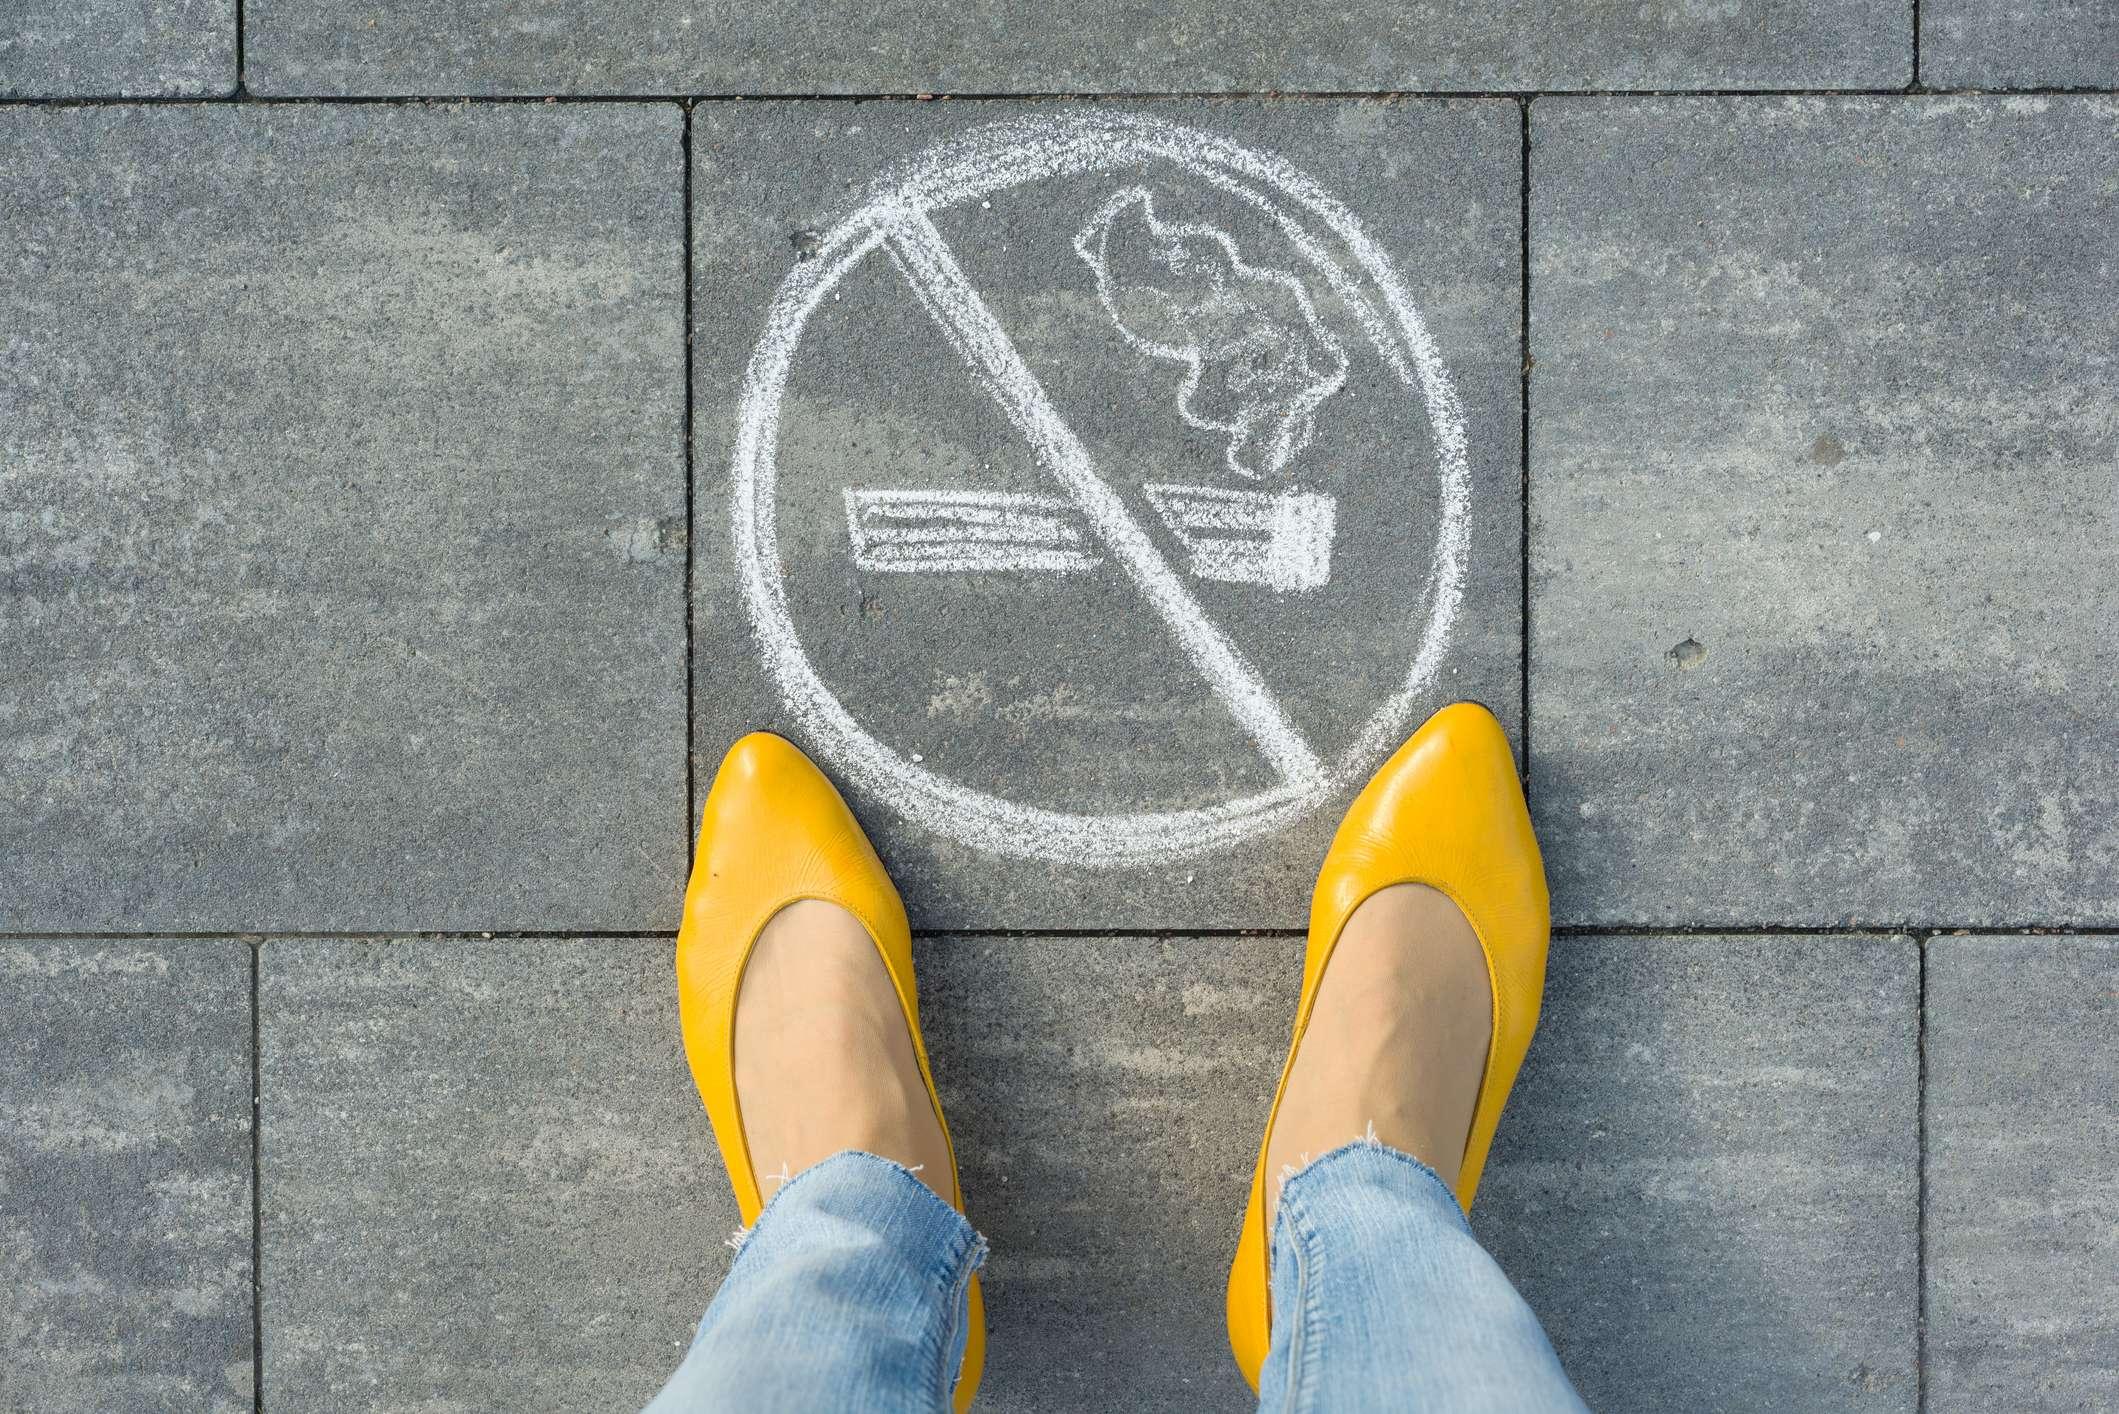 ESC 2021: Rauchstopp für Frauen schwieriger | medonline